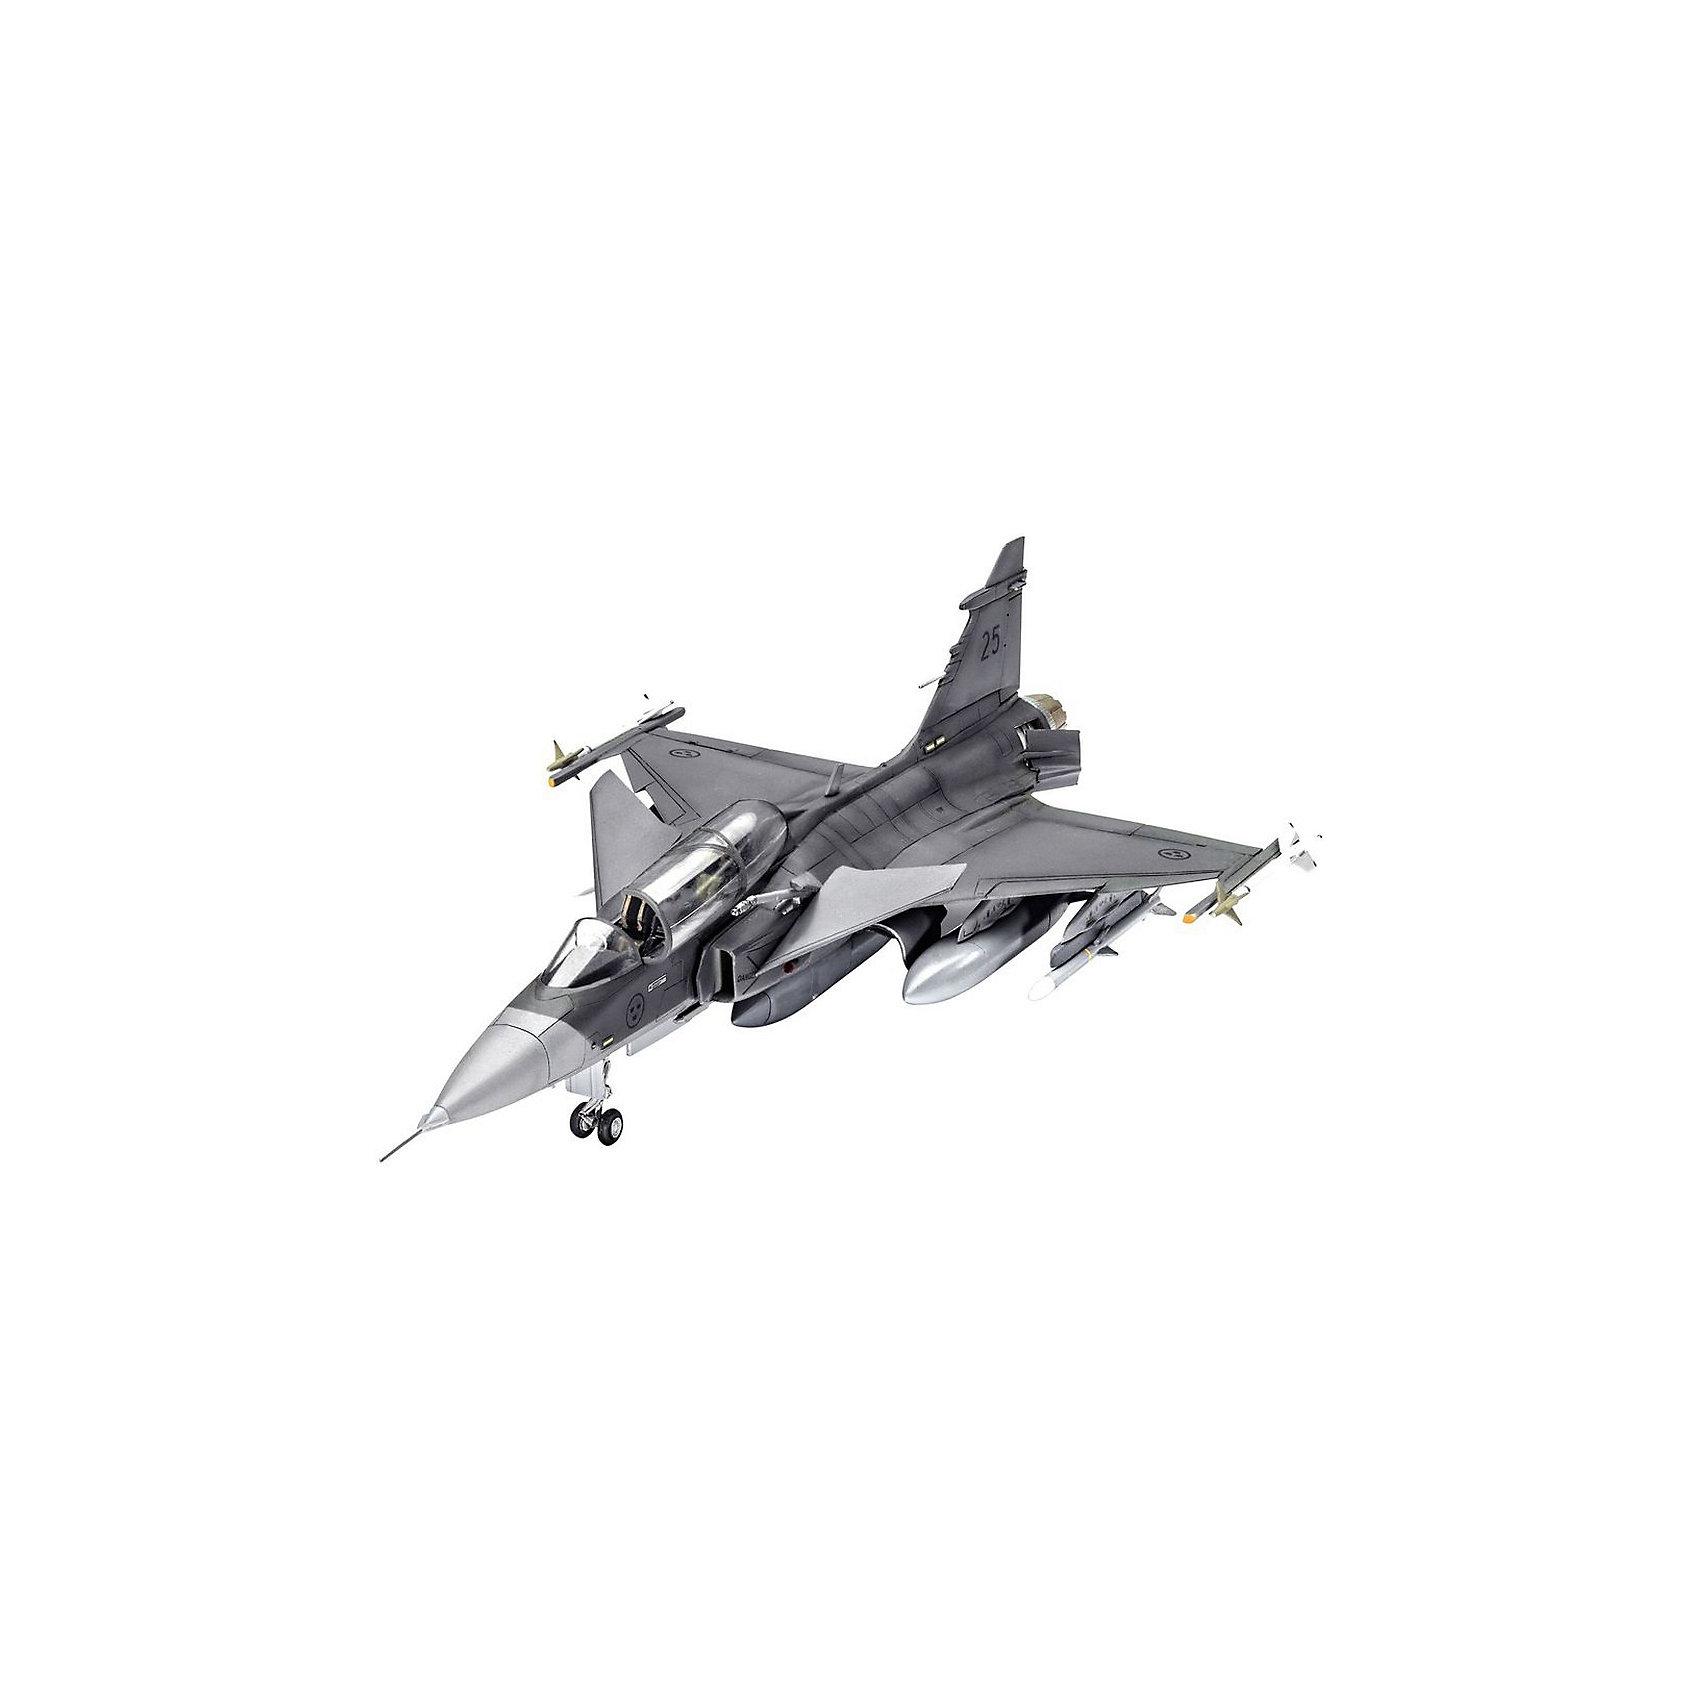 Истребитель-бомбардировщик Сааб JAS-39D Грипен  двухместныйМодели для склеивания<br>Сборная модель самолета Сааб JAS-39D Грипен в масштабе 1:72. Этот истребитель-бомбардировщик активно использовался на различных ролях в ВВС стран НАТО. <br>Длина модели после полной сборки составляет 21,5 сантиметров. Размах крыльев 12,7 сантиметров. Набор состоит из 115 деталей. <br>Декаль для самолета: <br> Saab JAS-39D Gripen, 39825 – ВВС Швеции, 2015 год  <br>Клей и краски приобретаются отдельно. <br>Сборная модель рекомендуется для детей от 10 лет.<br><br>Ширина мм: 9999<br>Глубина мм: 9999<br>Высота мм: 9999<br>Вес г: 9999<br>Возраст от месяцев: 120<br>Возраст до месяцев: 2147483647<br>Пол: Мужской<br>Возраст: Детский<br>SKU: 7122360